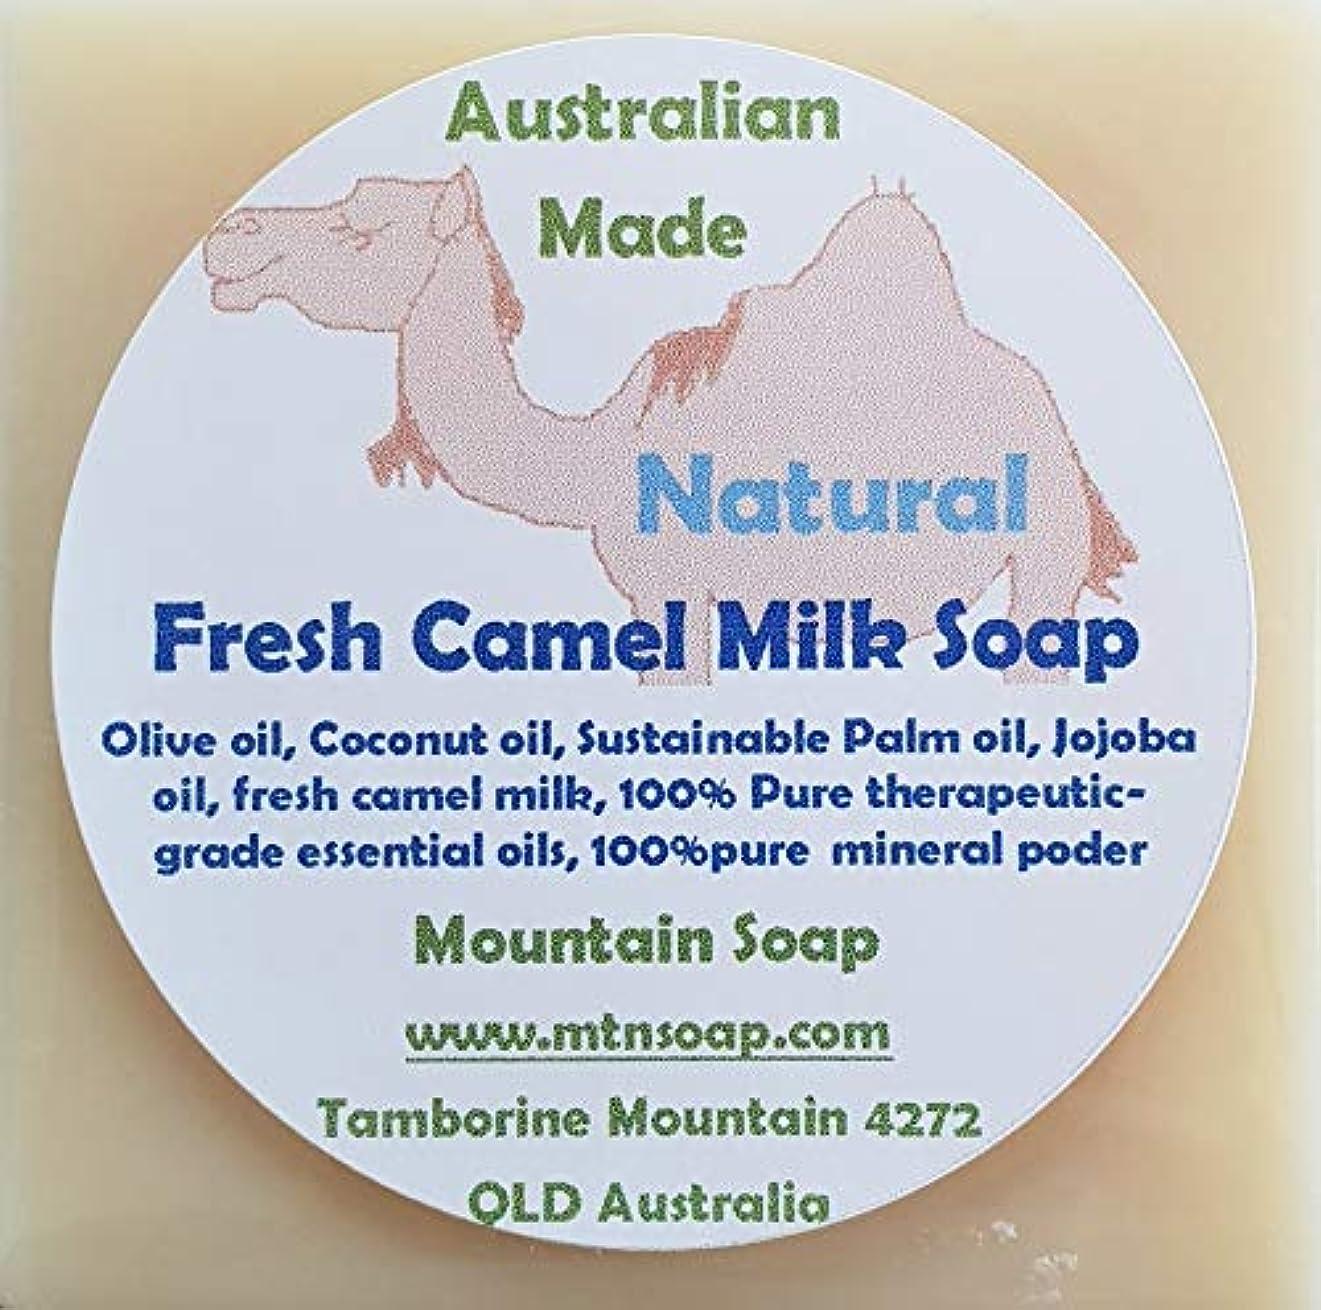 熱帯のわがまま豊かにする【Mountain Soap】マウンテンソープ 農場直送絞りたて生乳使用 キャメルミルク石鹸 CAMEL MILK キャメルミルクソープ ラクダミルク石鹸 (ナチュラル(無香料))